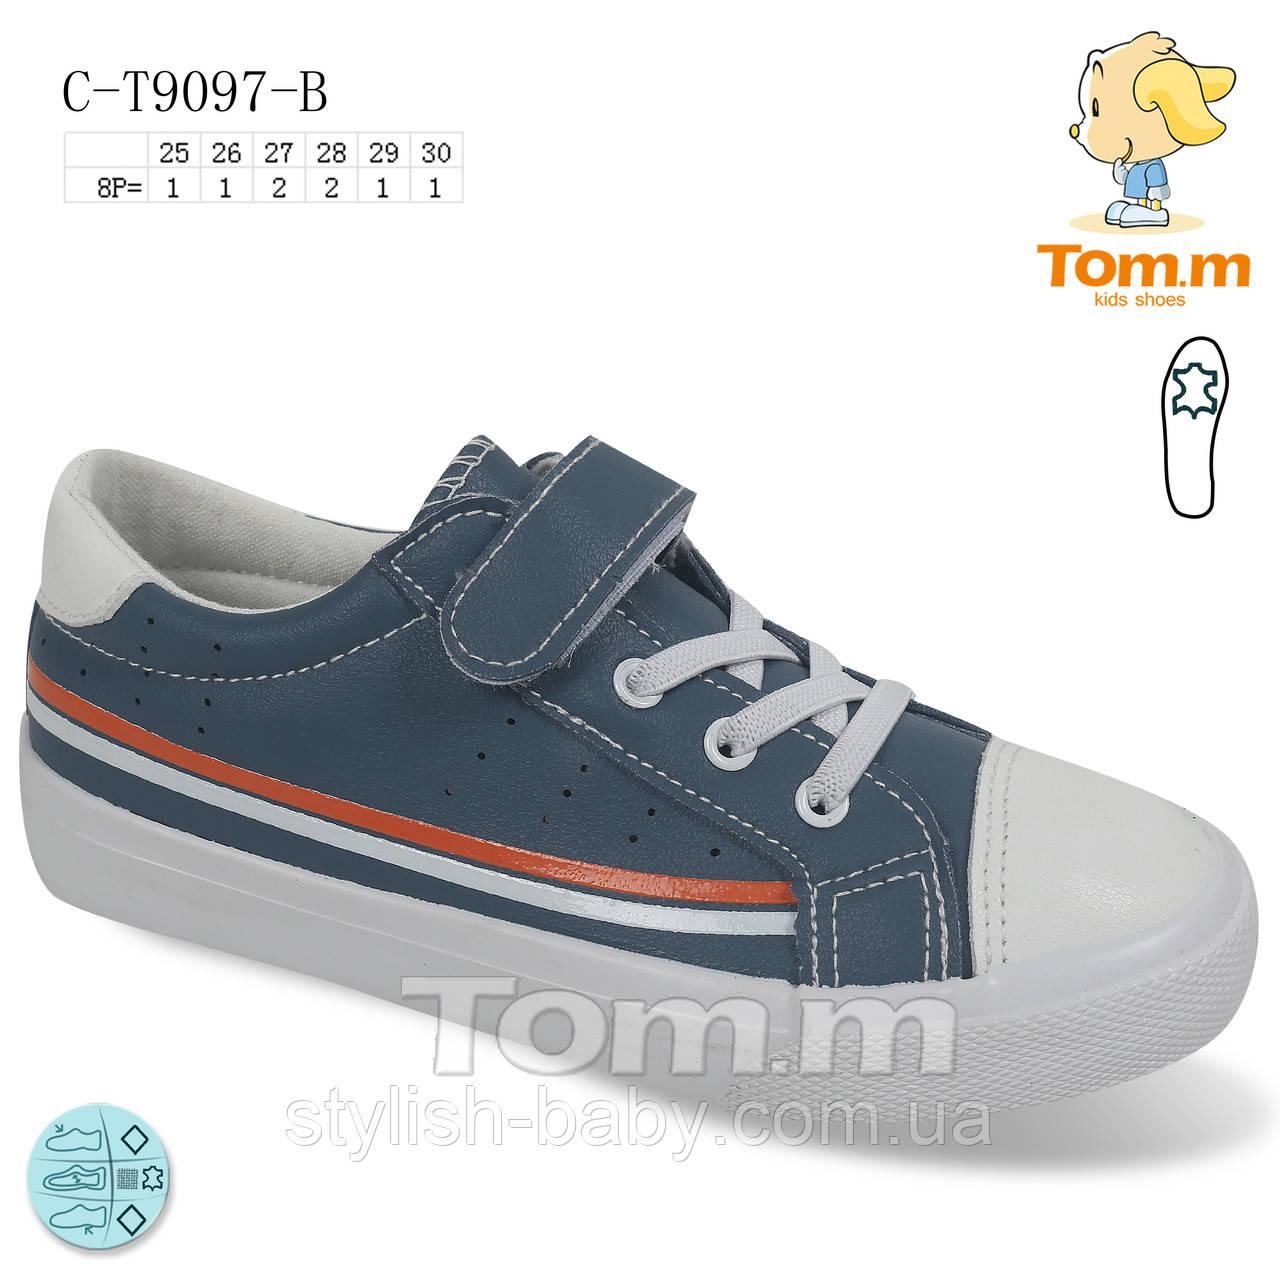 Детская спортивная обувь оптом. Детские кеды 2021 бренда Tom.m для мальчиков (рр. с 25 по 30)